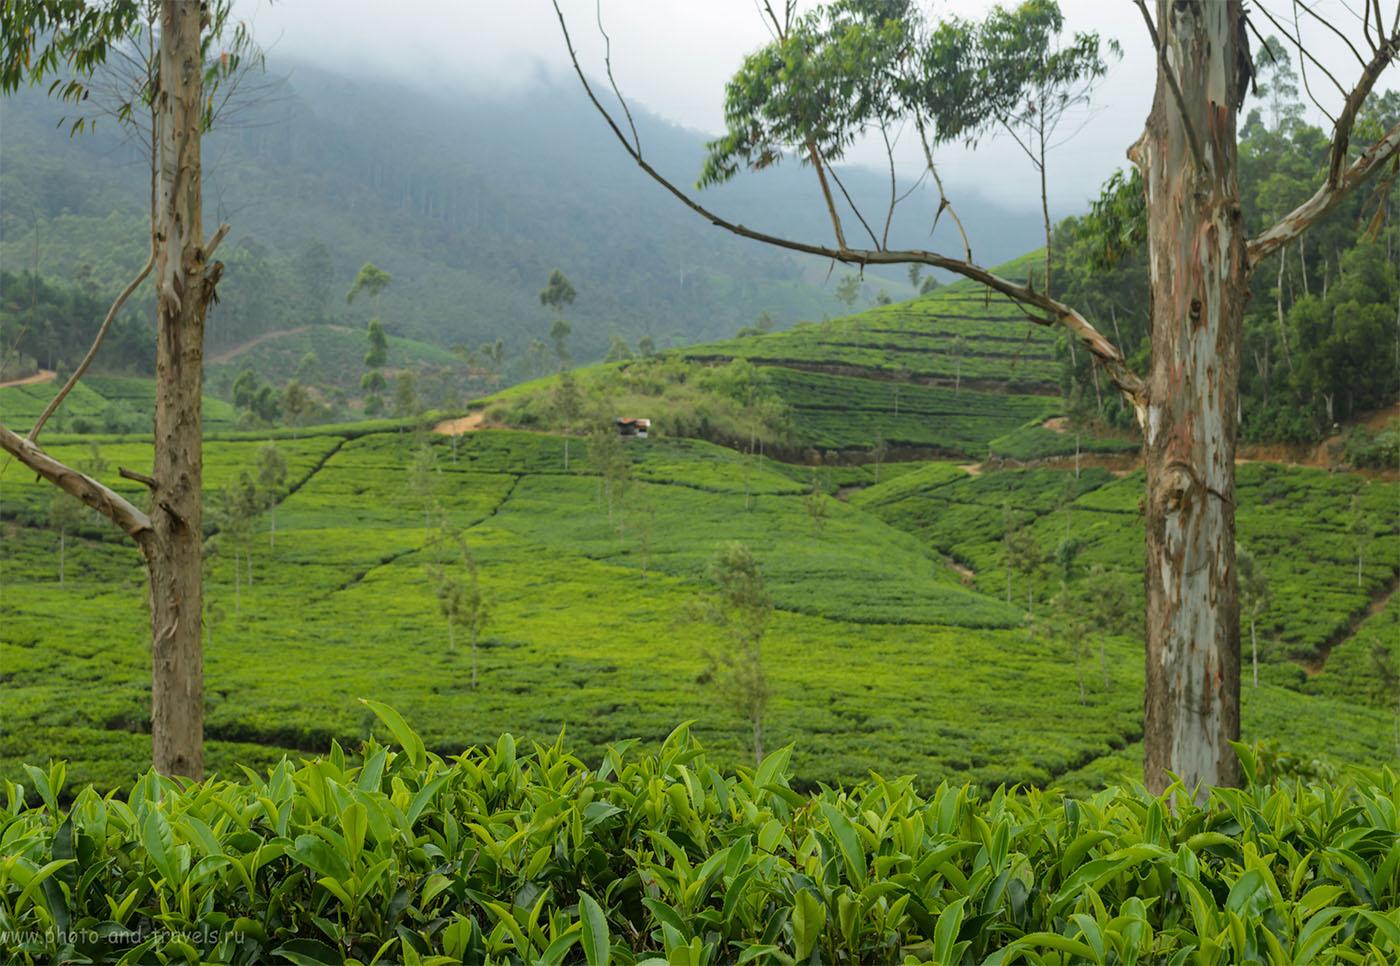 Фото 18. Чайная плантация в горах Шри-Ланки, затерявшаяся где-то в районе деревни Agrapatana. Отзывы туристов из России о самостоятельной поездке на Пик Адама в мае. Как добраться читайте в первой части отчета.